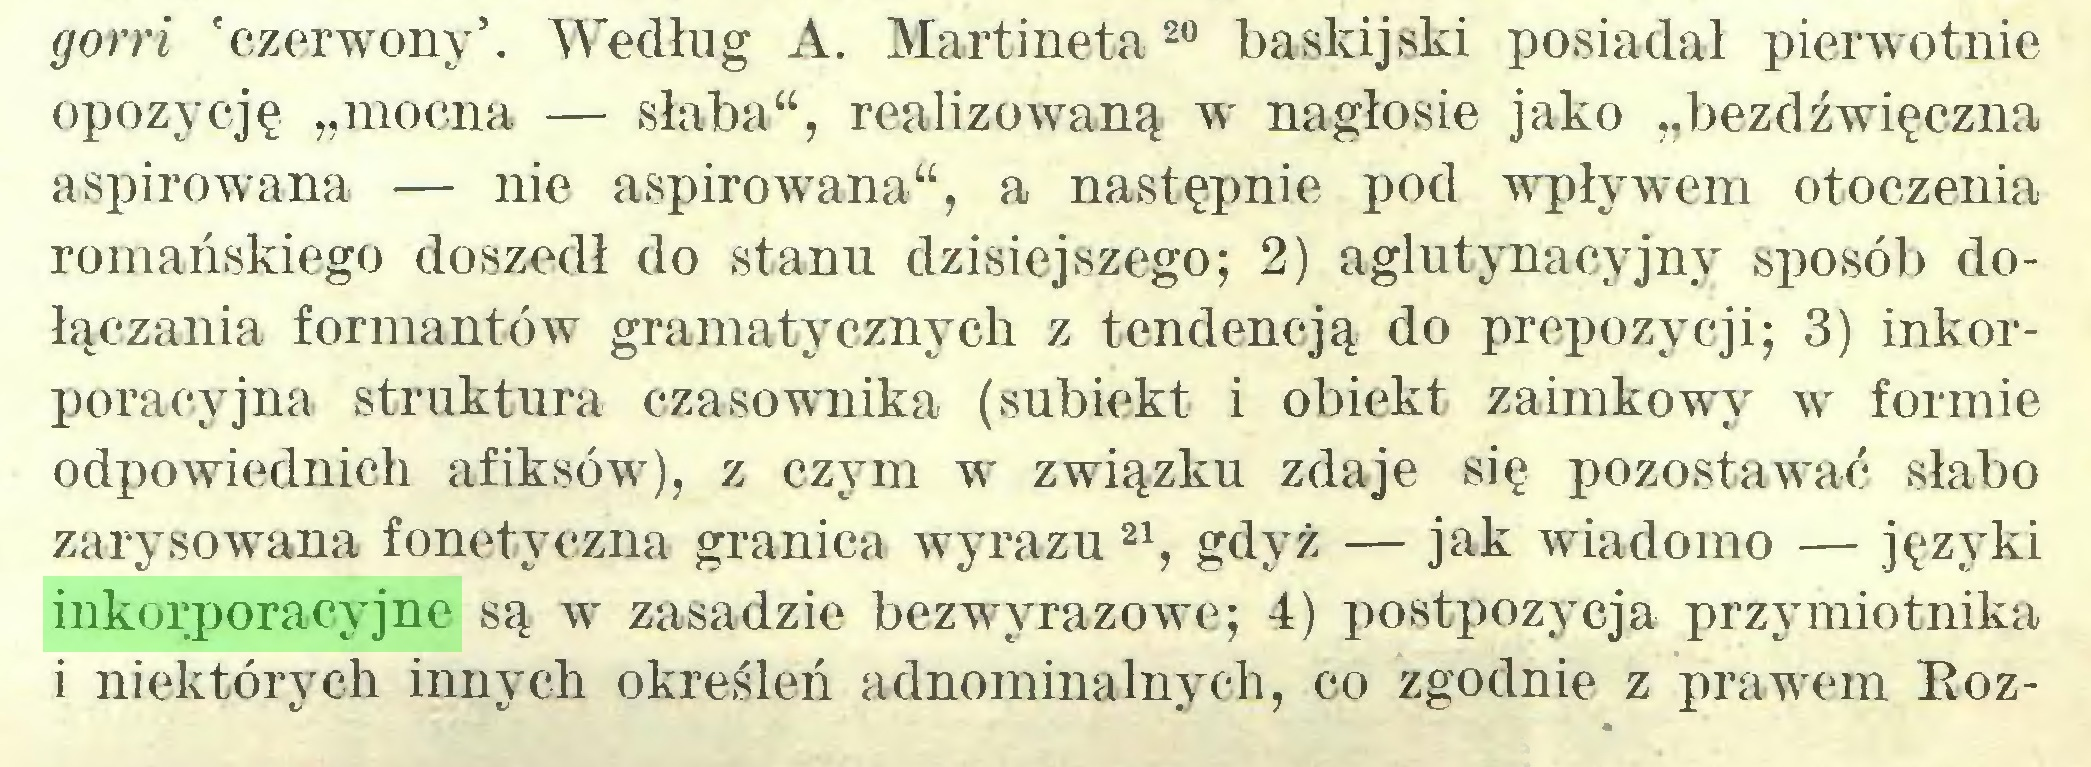 """(...) gorri 'czerwony5. Według A. Martineta20 baskijski posiadał pierwotnie opozycję """"mocna — słaba"""", realizowaną w nagłosie jako """"bezdźwięczna aspiro wana — nie aspiro wana"""", a następnie pod wpływem otoczenia romańskiego doszedł do stanu dzisiejszego; 2) aglutynacyjny sposób dołączania formantów gramatycznych z tendencją do propozycji; 3) inkorporacyjna struktura czasownika (subiekt i obiekt zaimkowy w formie odpowiednich afiksów), z czym w związku zdaje się pozostawać słabo zarysowana fonetyczna granica wyrazu 21, gdyż — jak wiadomo — języki inkorporacyjne są w zasadzie bezwyrazowe; 4) postpozycja przymiotnika i niektórych innych określeń adnominalnych, co zgodnie z prawem Eoz..."""